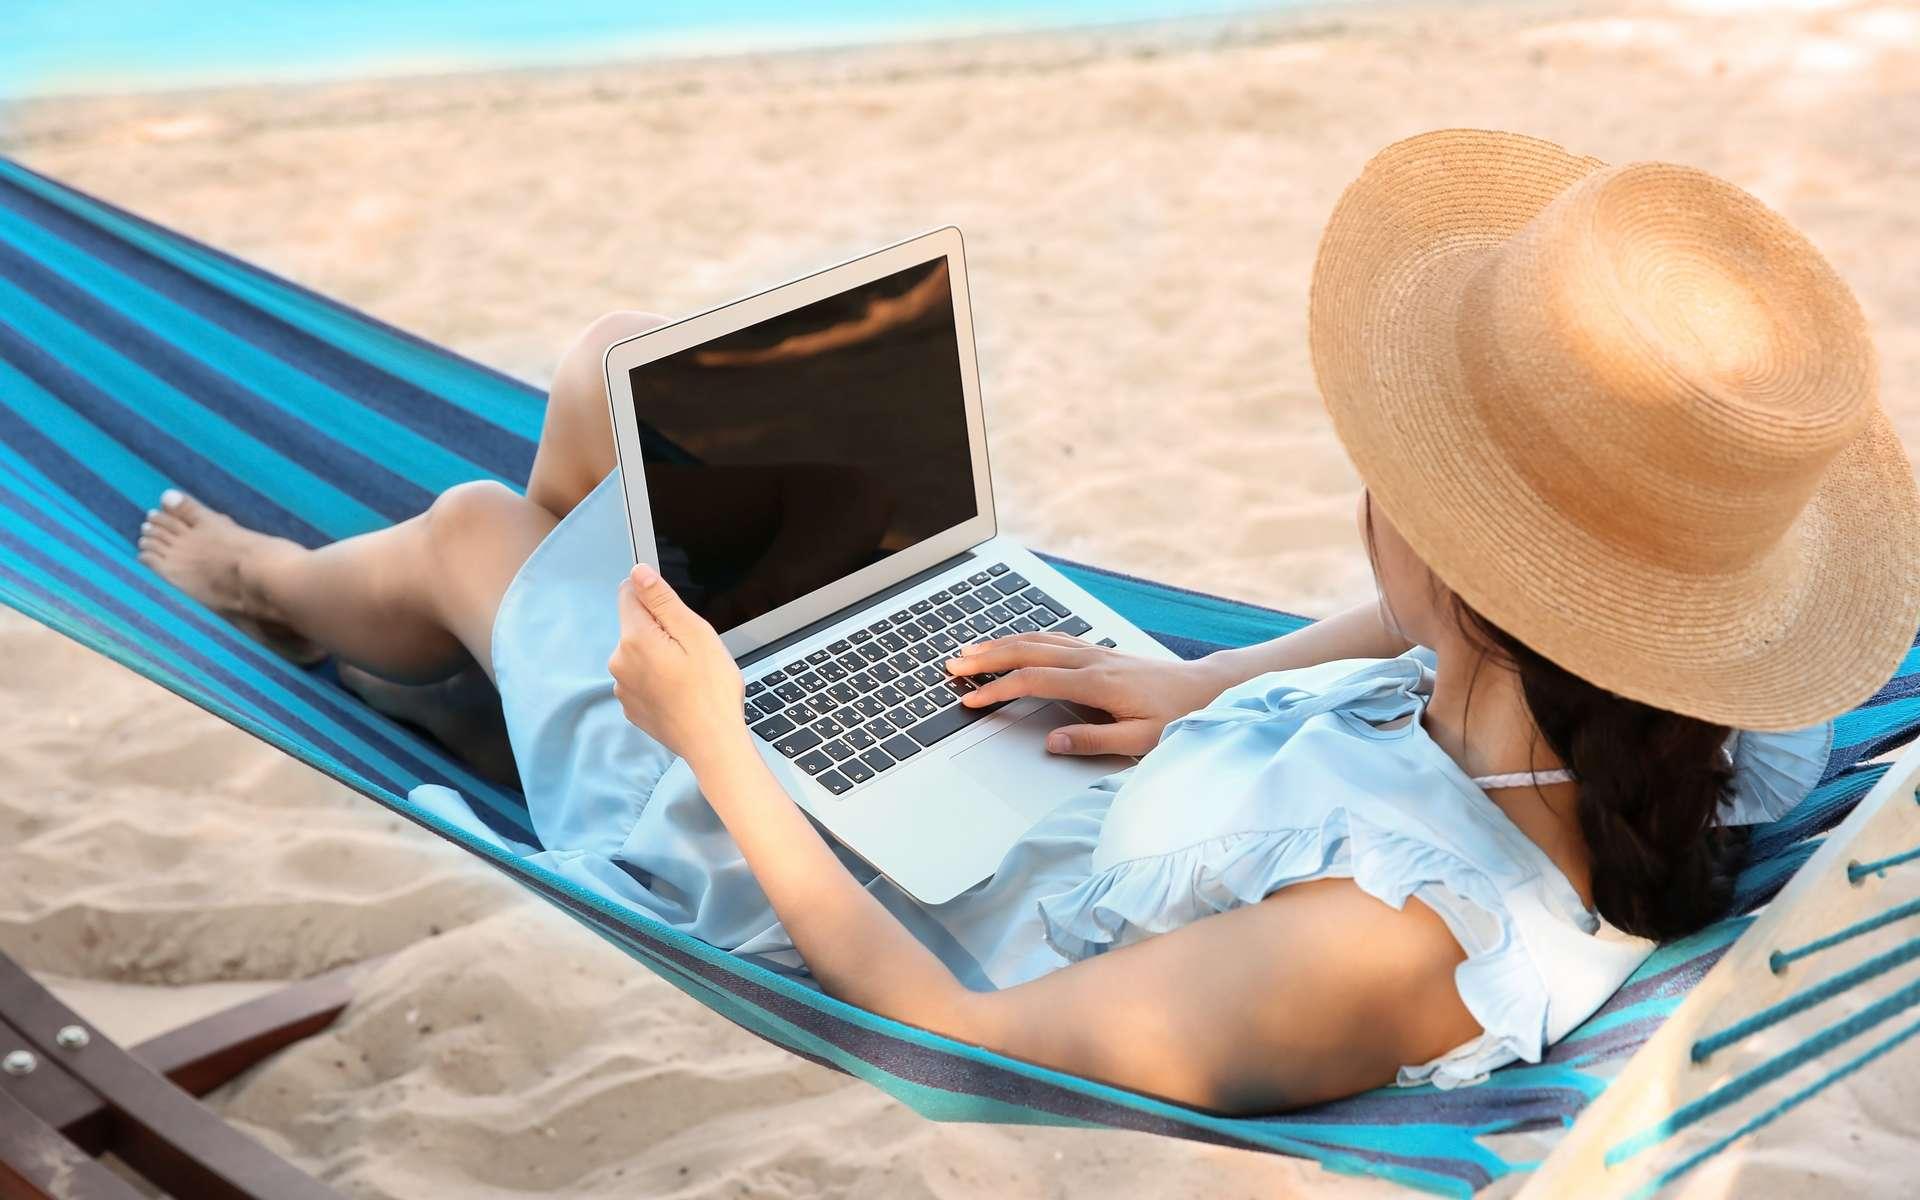 L'utilisation d'un VPN s'avère utile lors d'une connexion wifi dans un lieu public. © New Africa, Adobe Stock